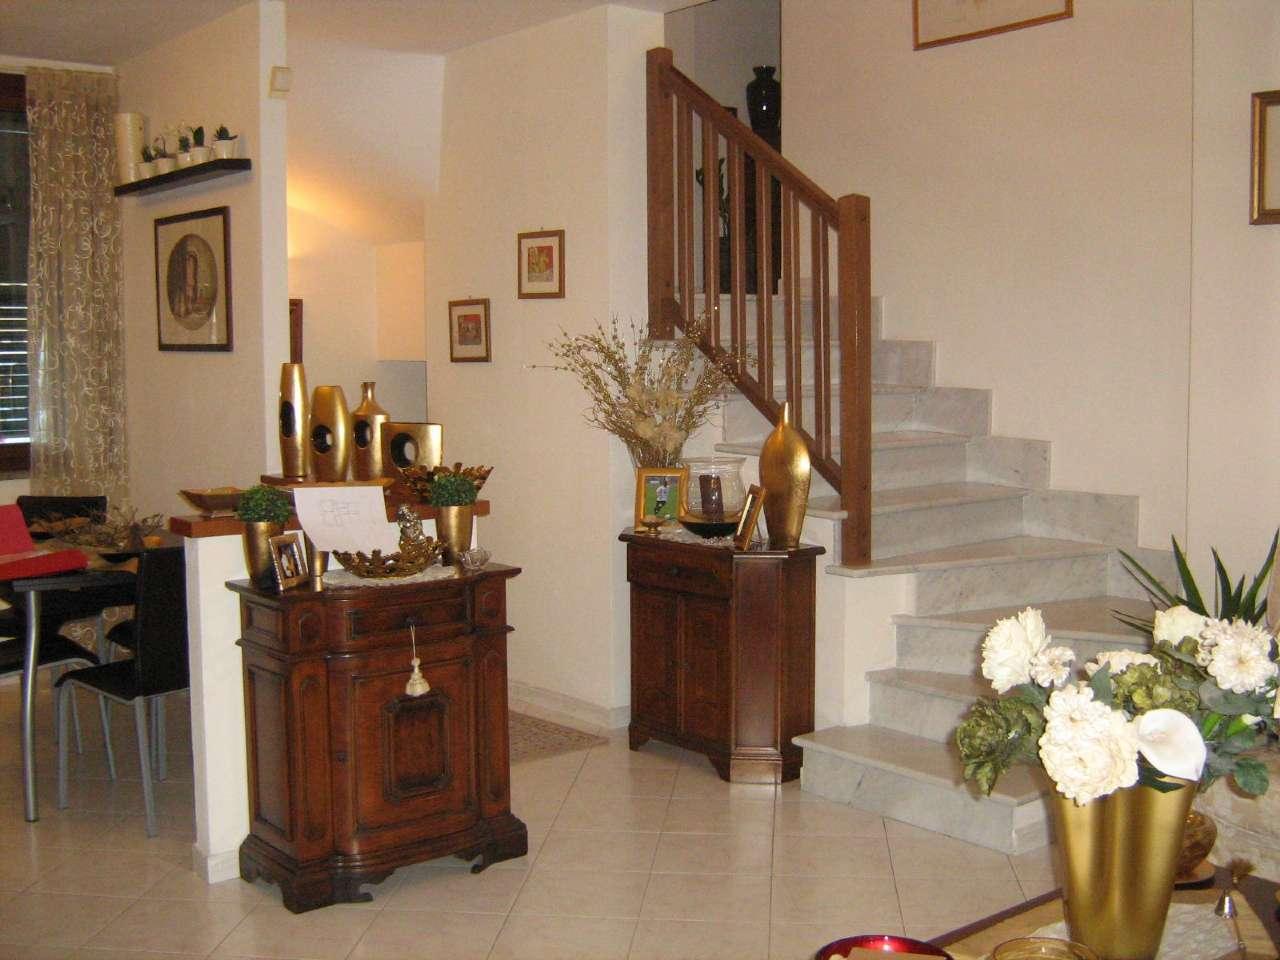 Appartamento in vendita a Livorno, 5 locali, prezzo € 325.000 | CambioCasa.it